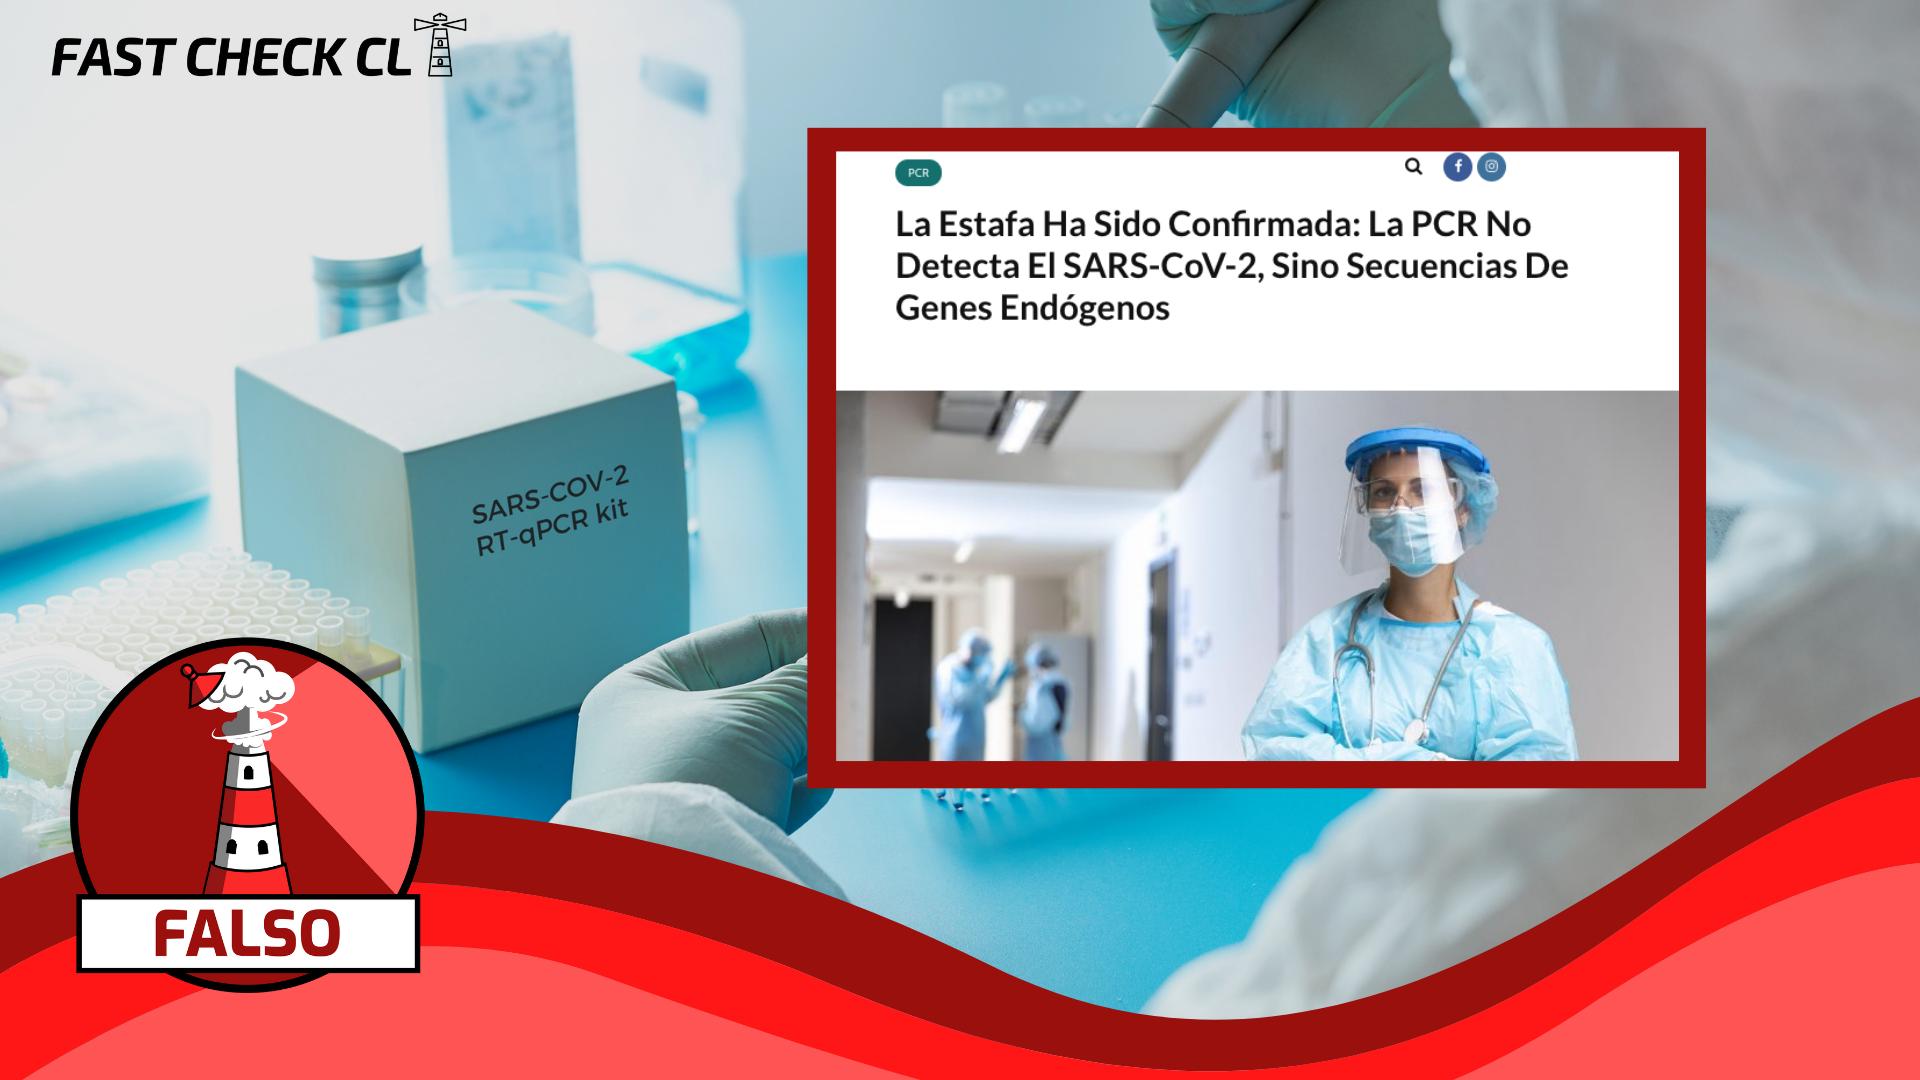 """Read more about the article """"La estafa ha sido confirmada: La PCR no detecta el SARS-CoV-2, sino secuencias de genes endógenos"""": #Falso"""